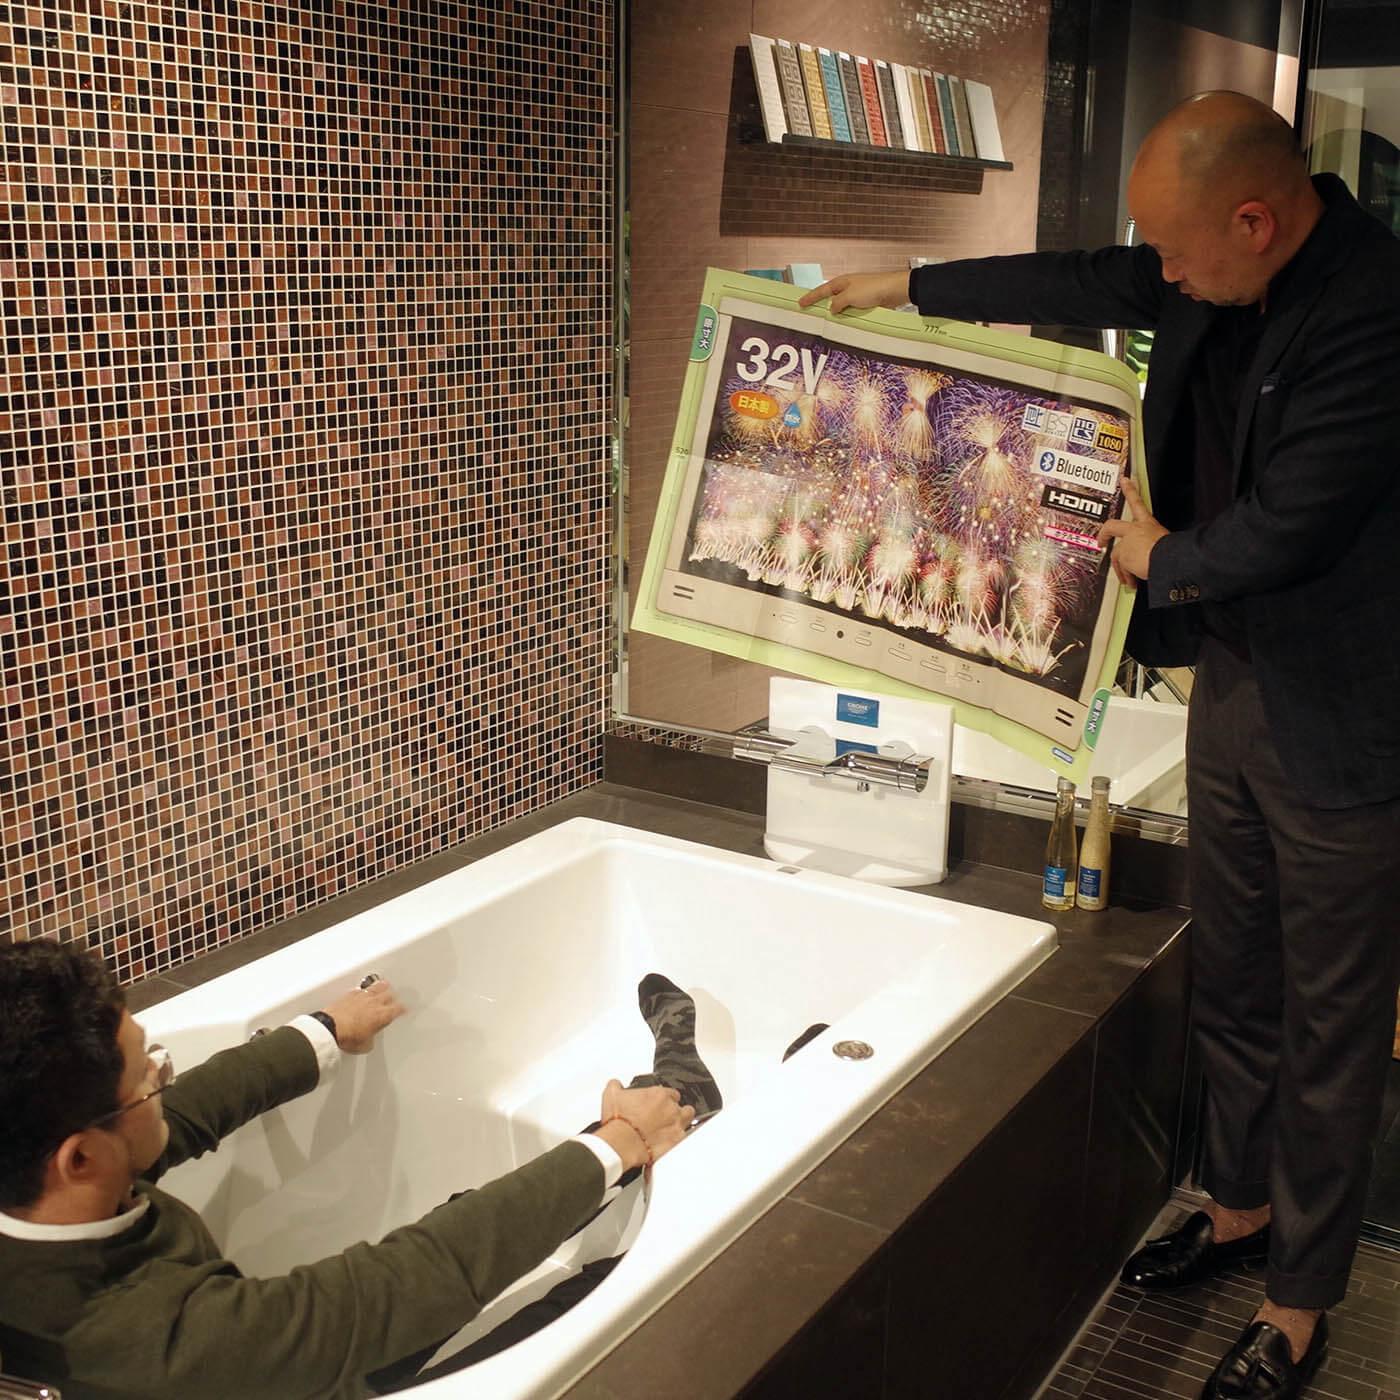 浴室用32インチサイズのテレビの確認